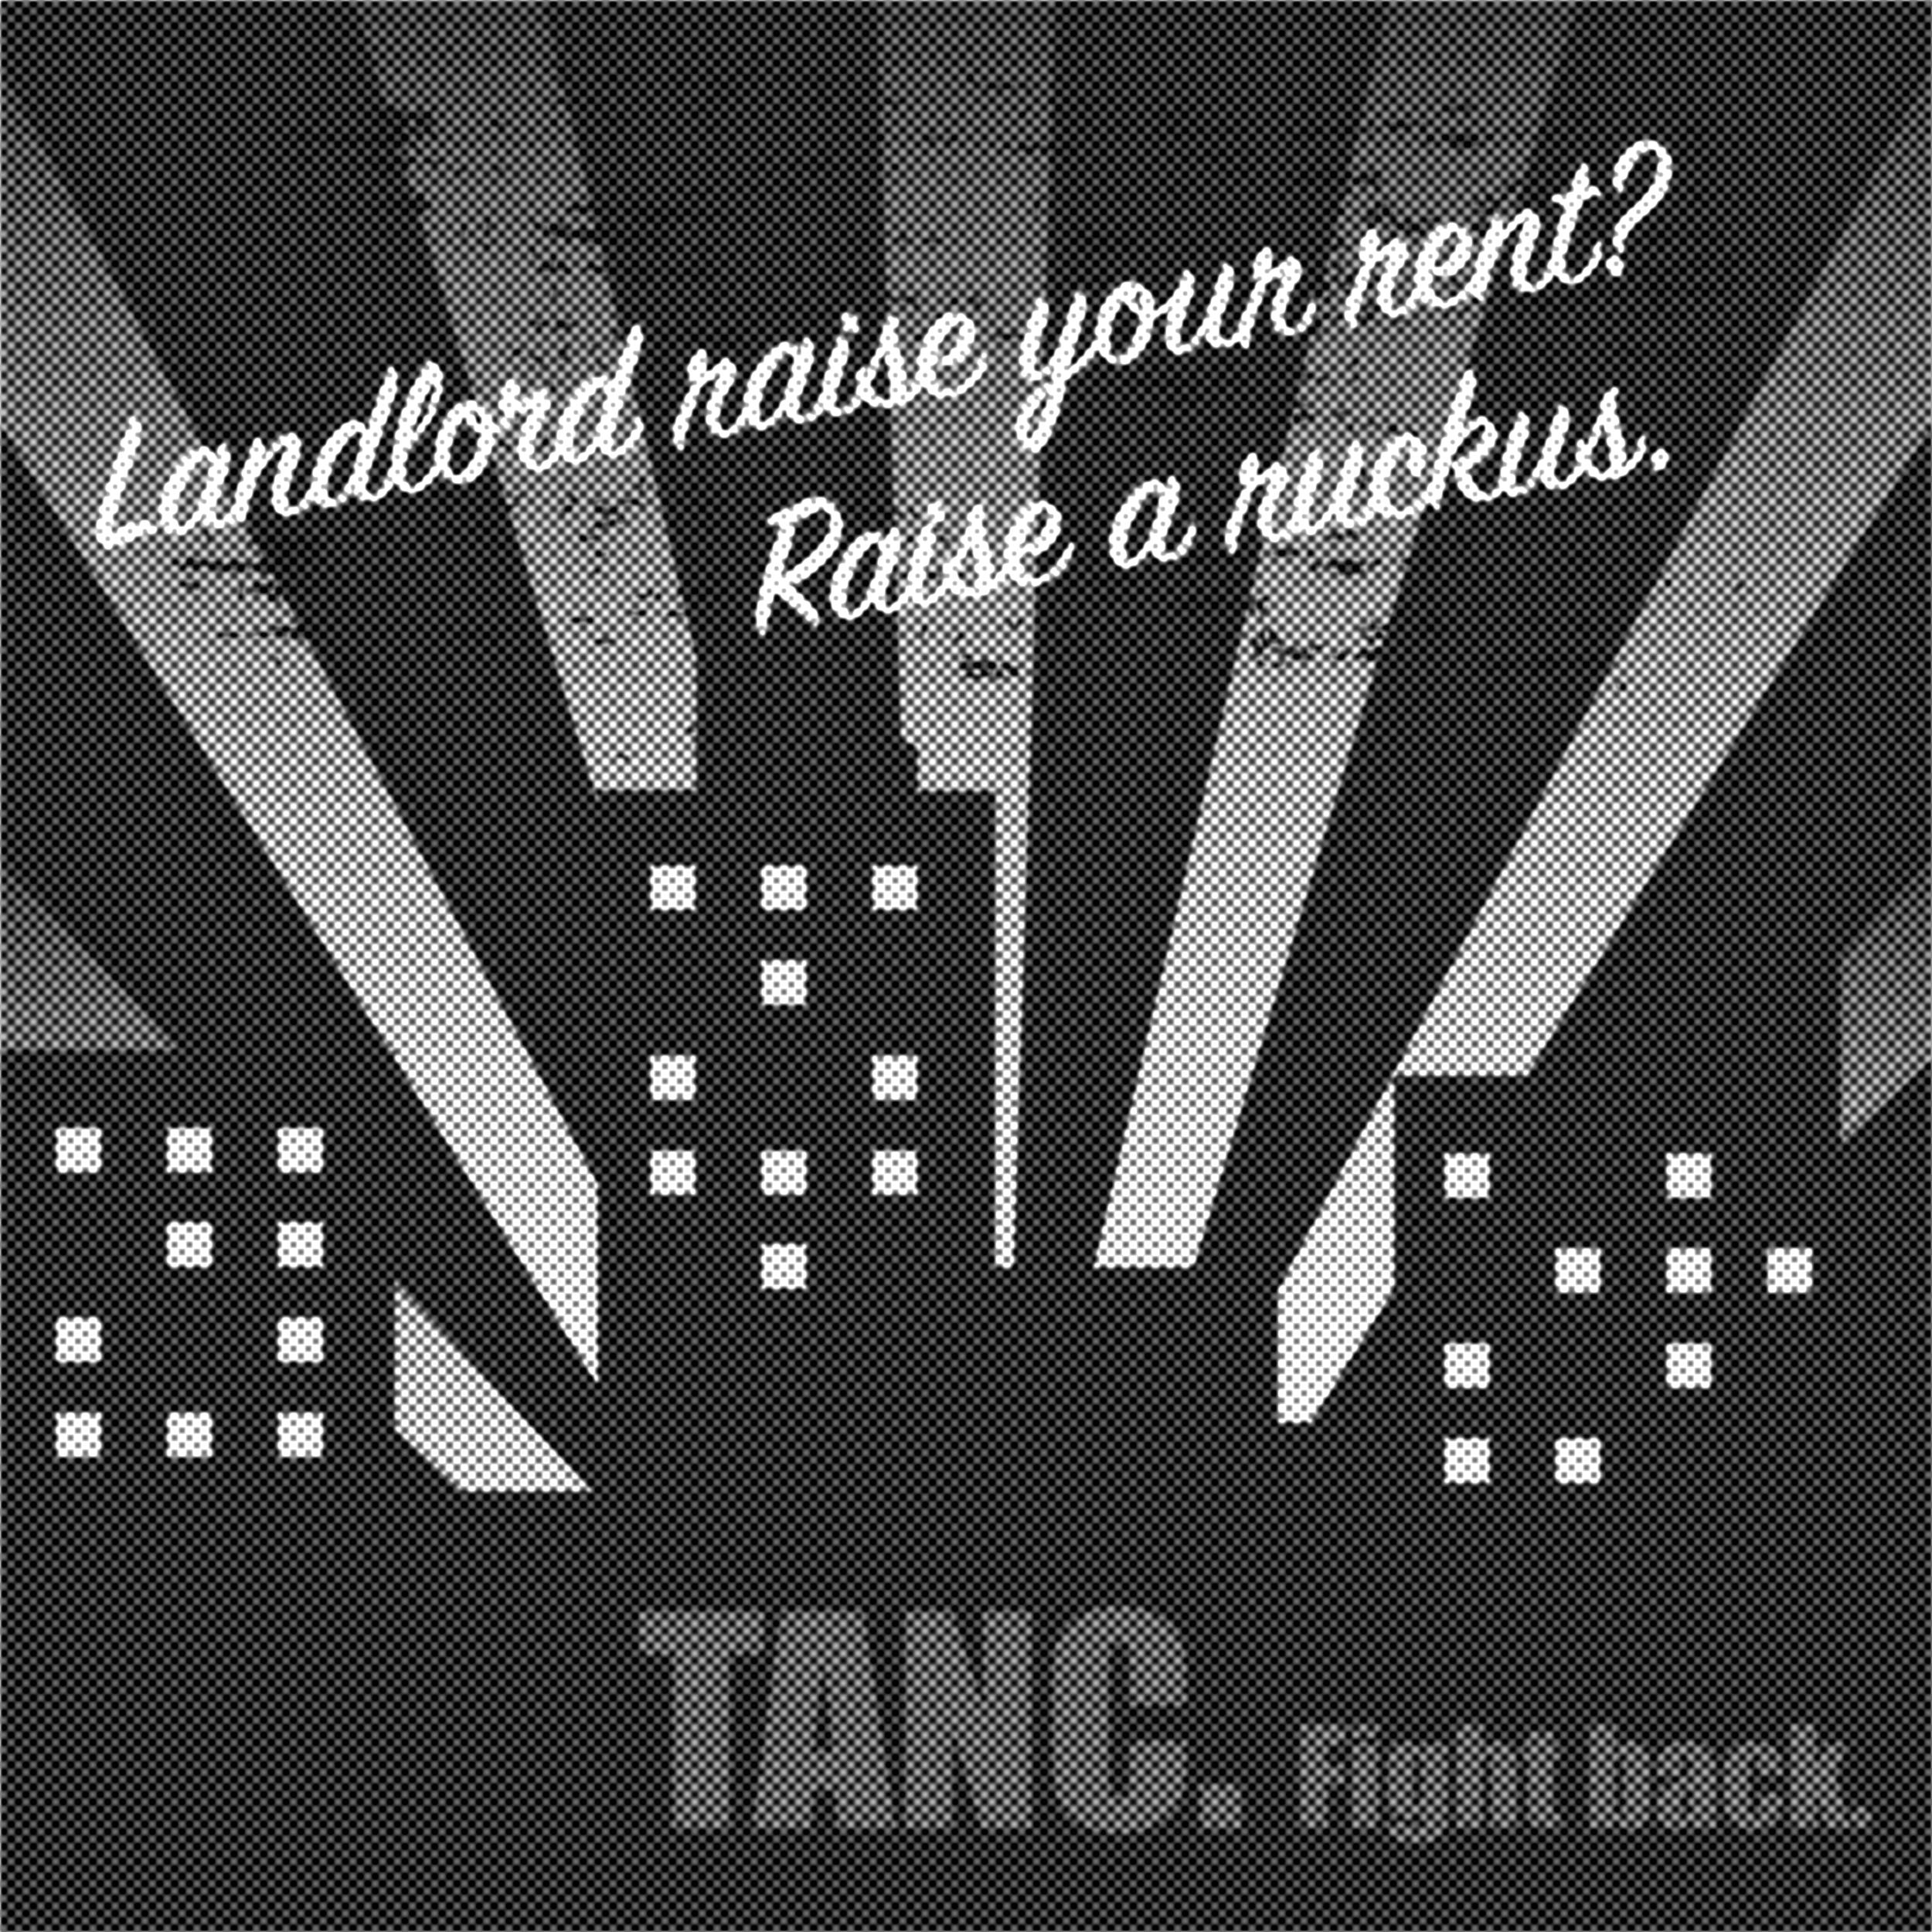 Abolish landlords 2.png